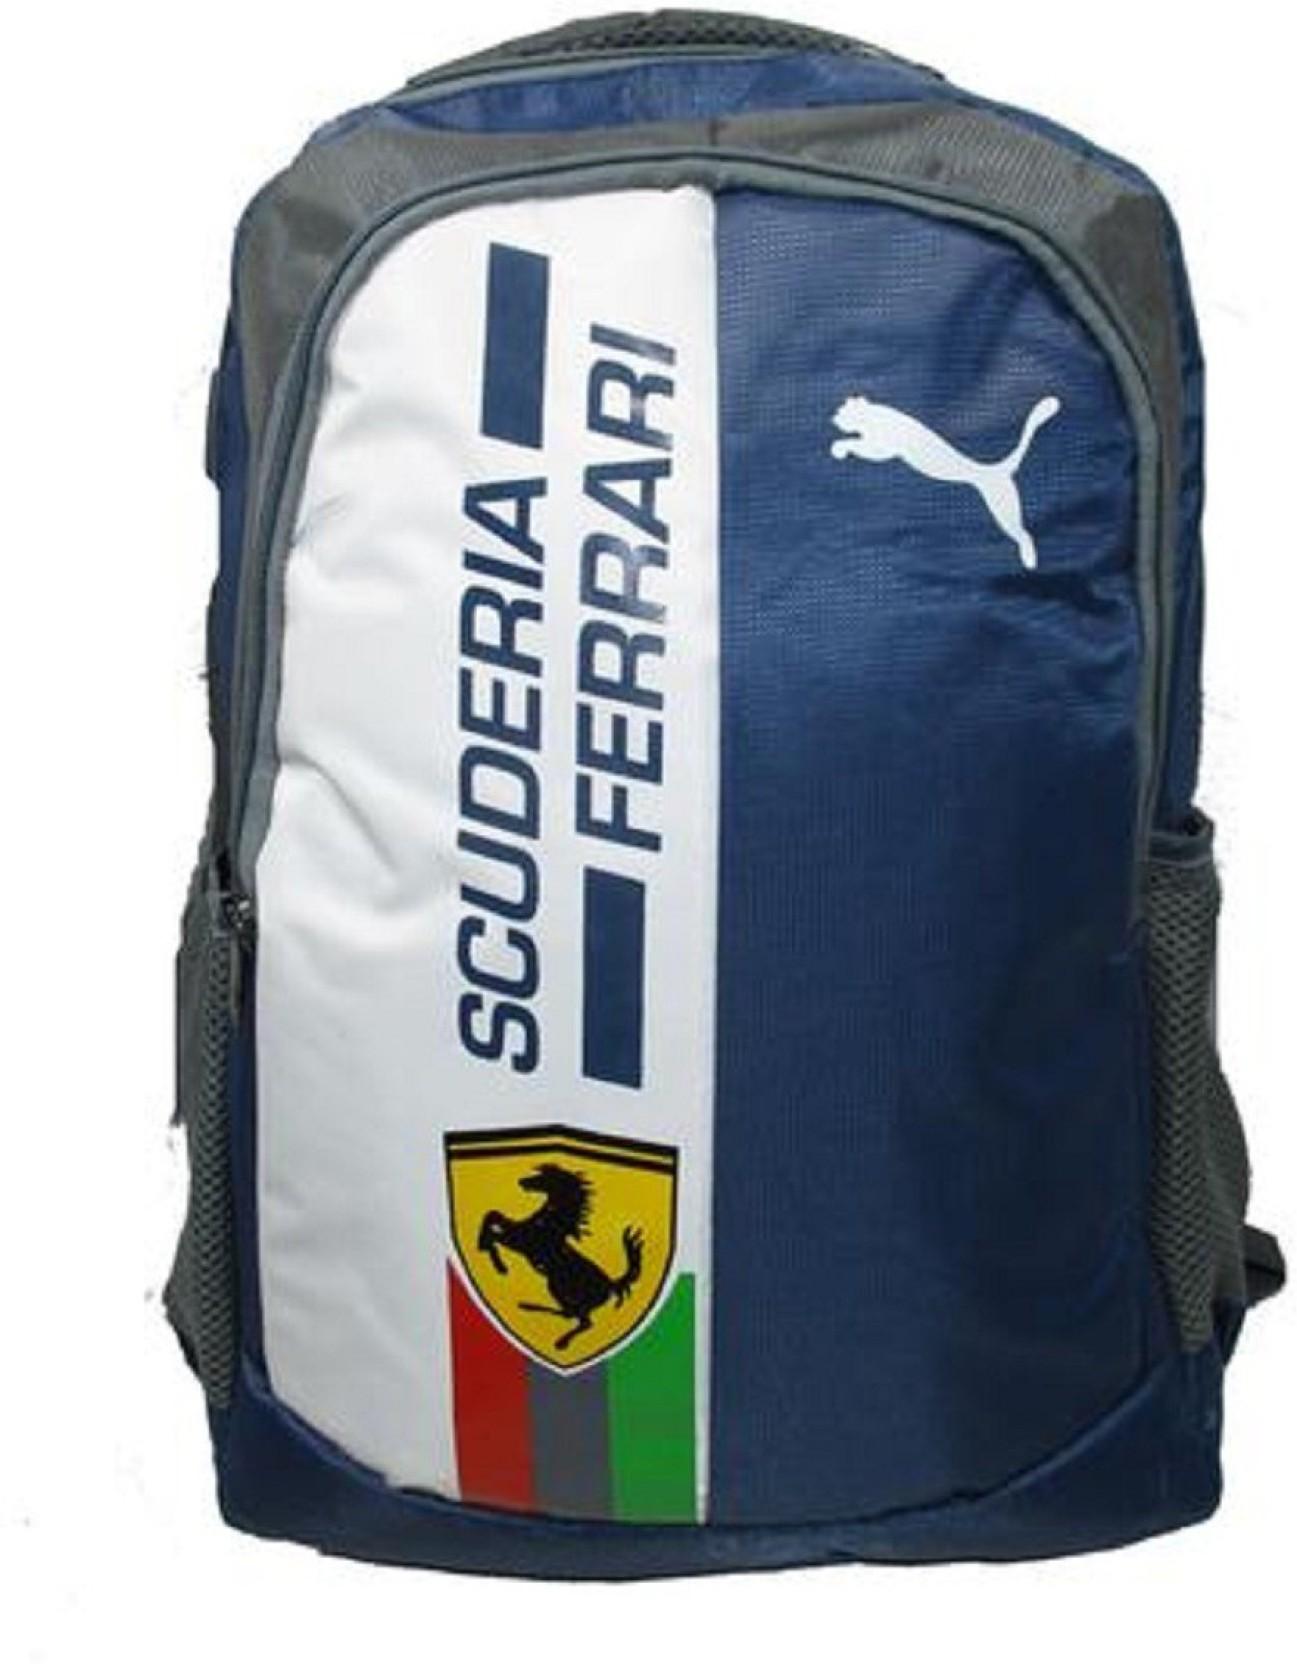 354e28ad5734 Puma Ferrari 25 L Backpack Blue - Price in India | Flipkart.com